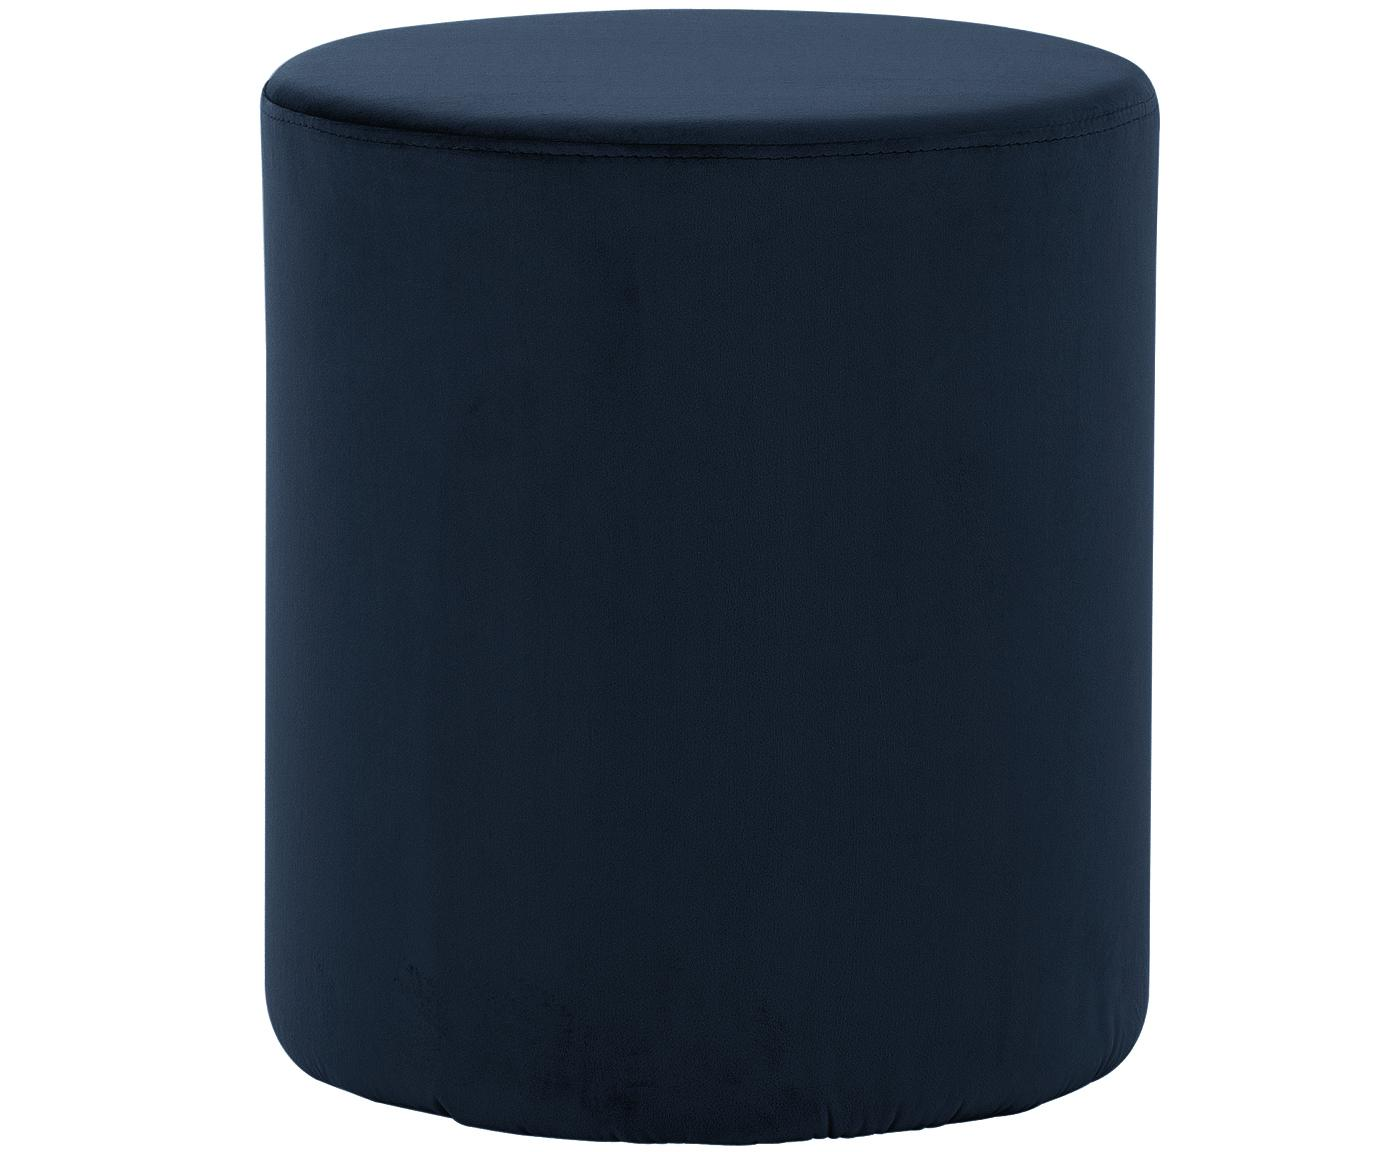 Puf de terciopelo Daisy, Tapizado: terciopelo (poliéster) 15, Estructura: tablero de fibras de dens, Azul marino, Ø 40 x Al 46 cm